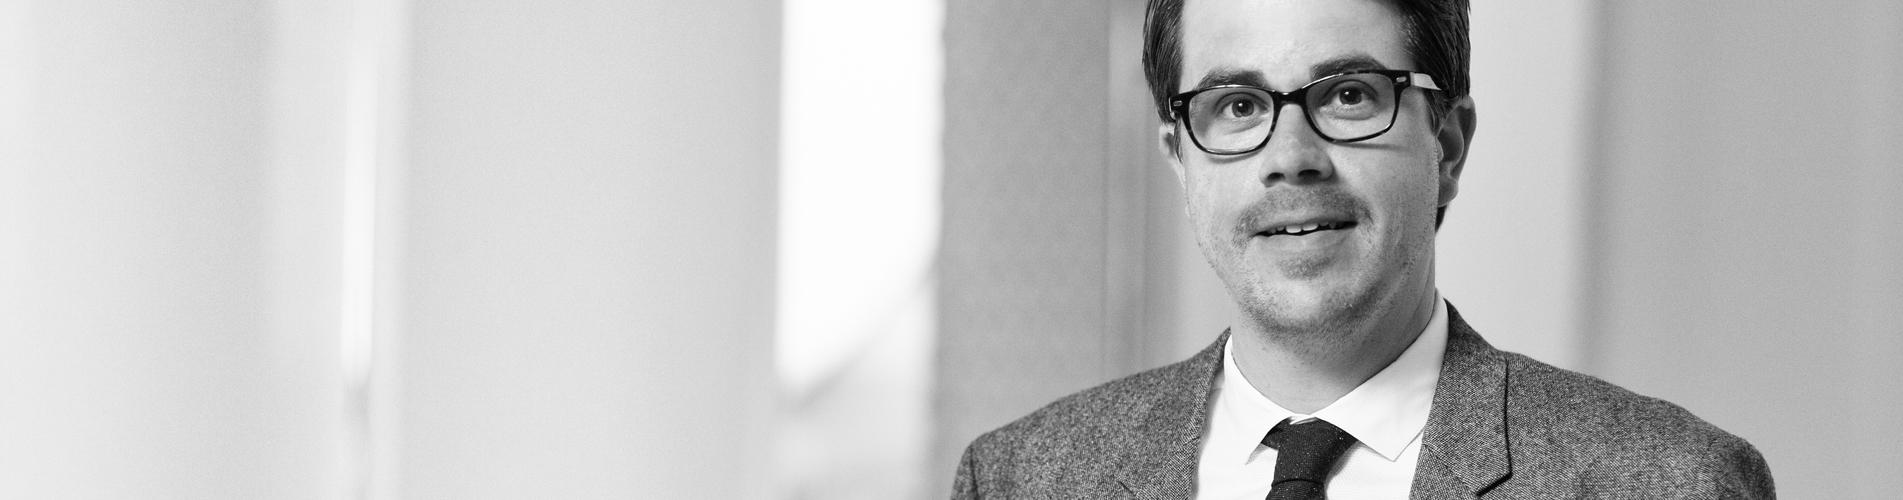 Rechtsanwalt Dr. Mathias Klümper